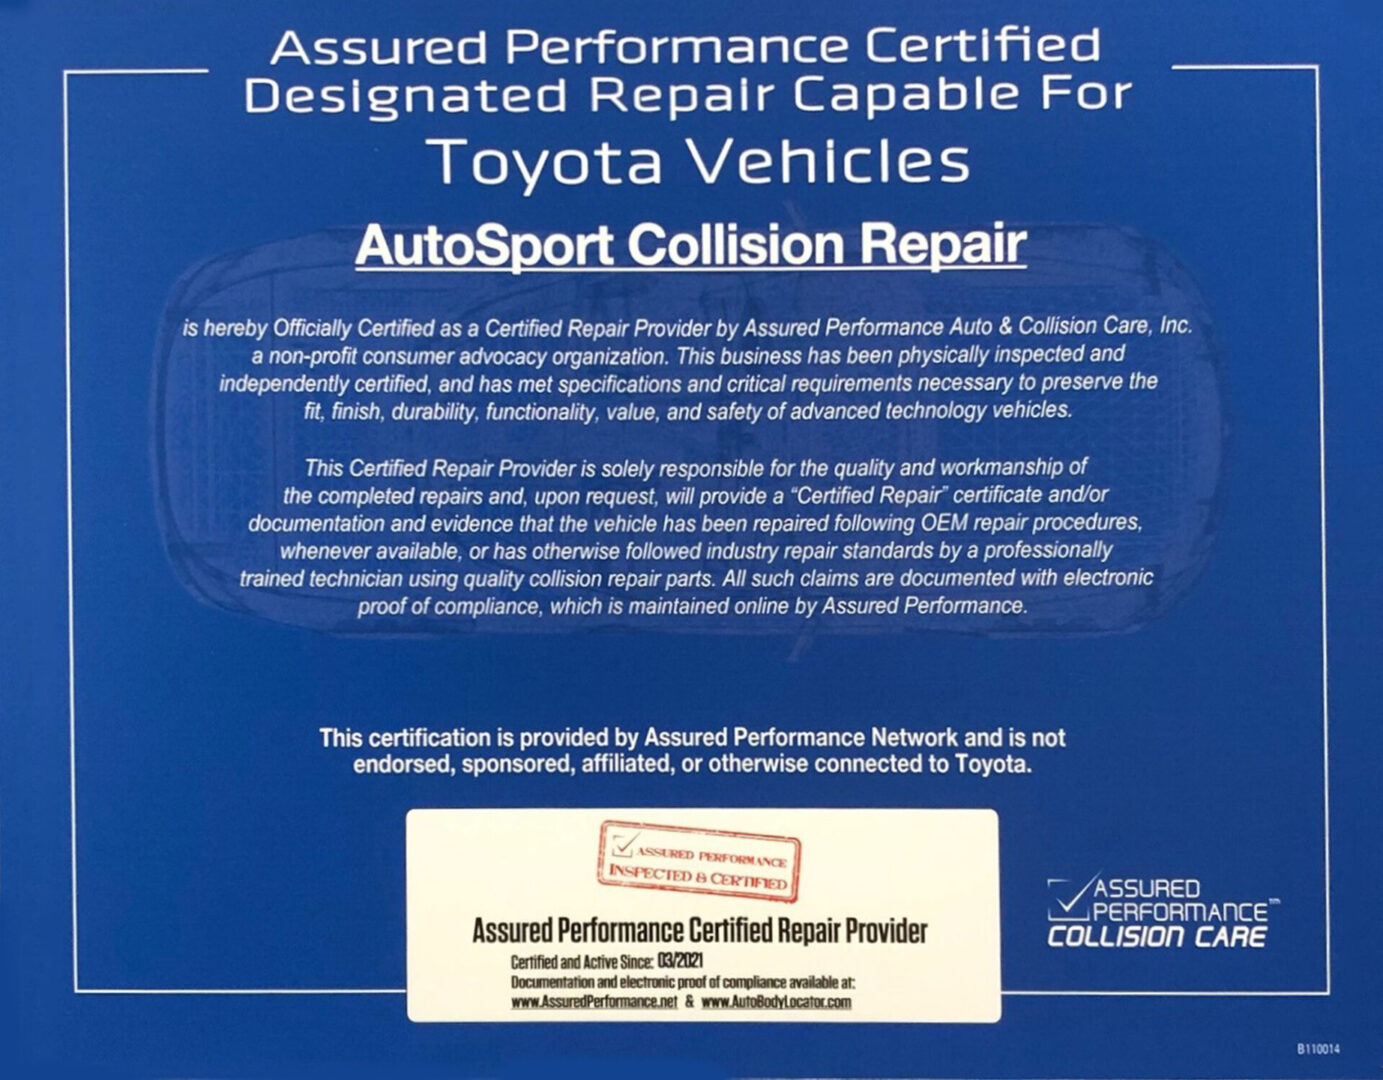 https://autosportcollisionrepair.com/wp-content/uploads/2021/07/Toyota-1-scaled.jpg